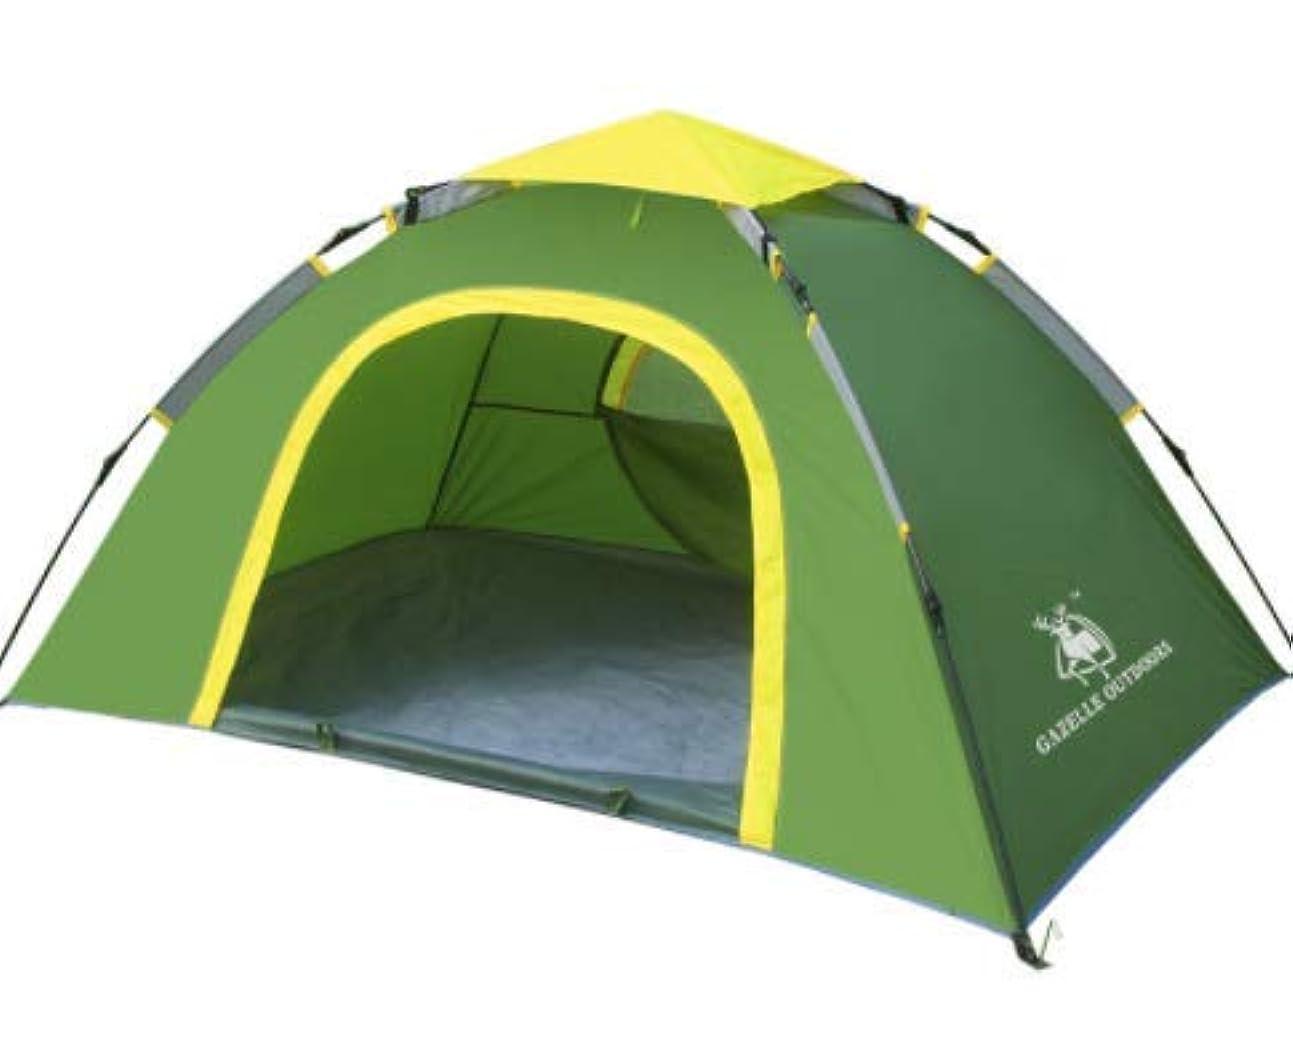 インタフェース僕の習熟度Feelyer 205 * 145 * 105センチ単層自動屋外キャンプテント防風防水日焼け止め強い換気構造安定した抗蚊カップル/家族 顧客に愛されて (Color : グリーン)